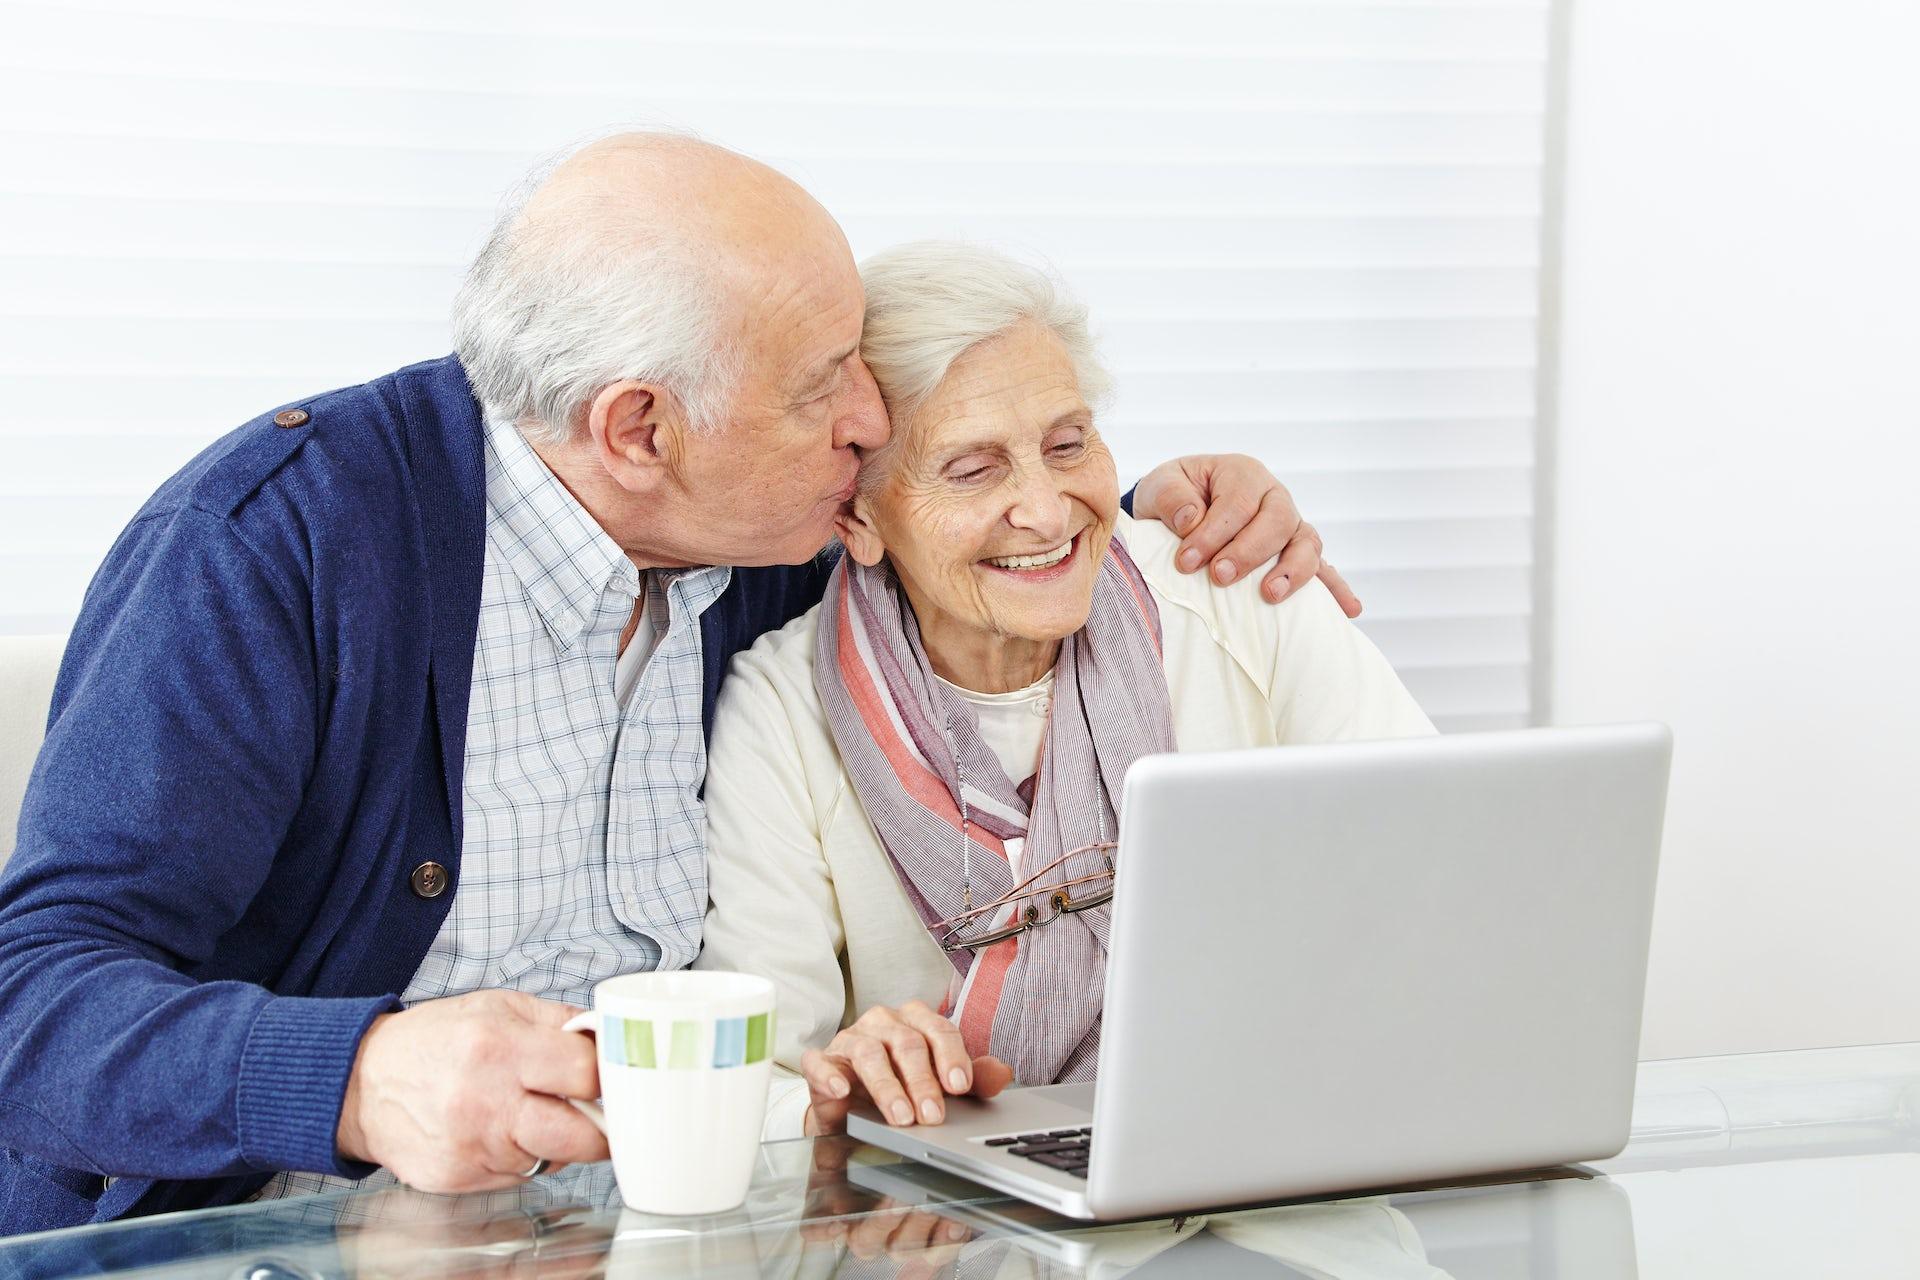 Μια αγάπη σε απευθείας σύνδεση dating